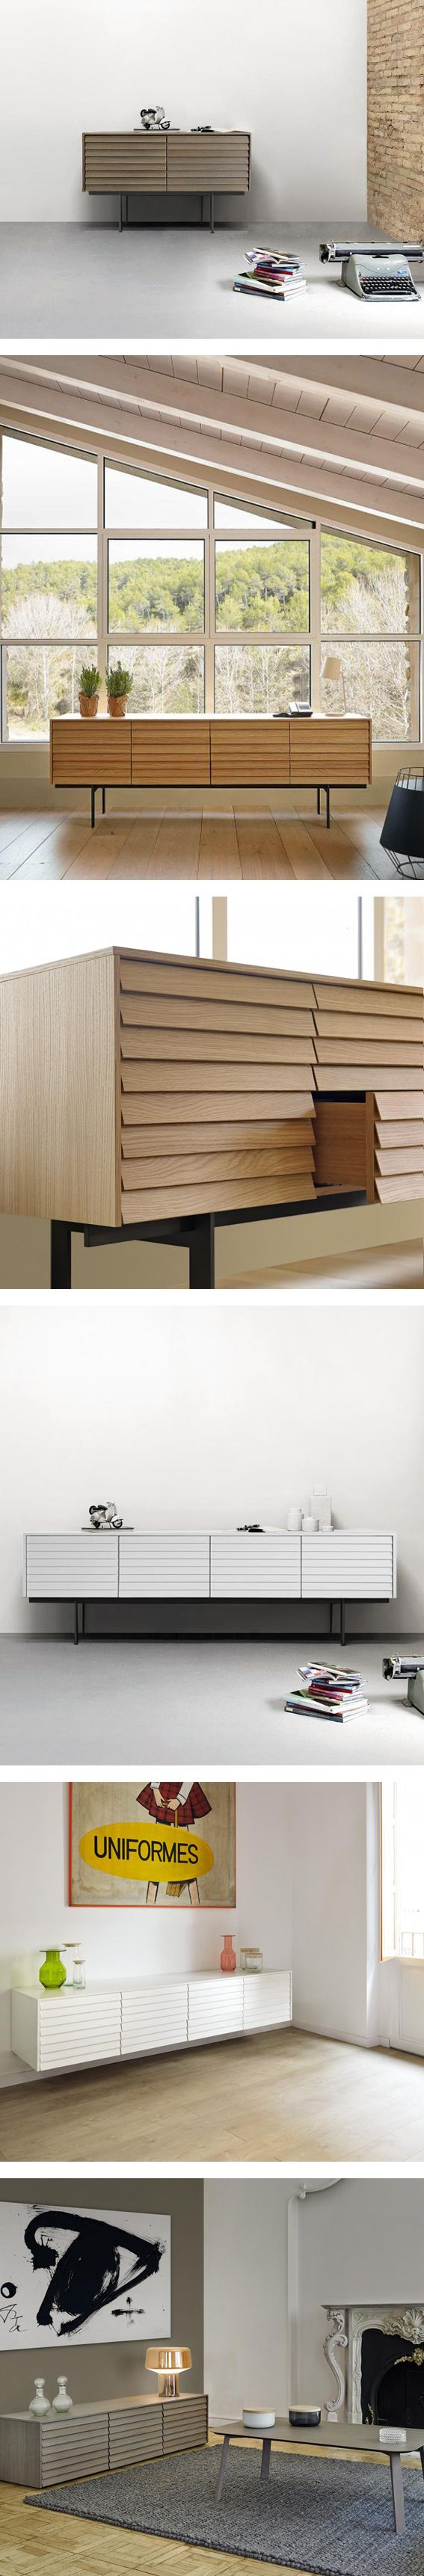 Perfekt Das Punt Sussex Ist Ein Modernes Sideboard Mit Dem Design Von Fensterläden.  #Sideboard #